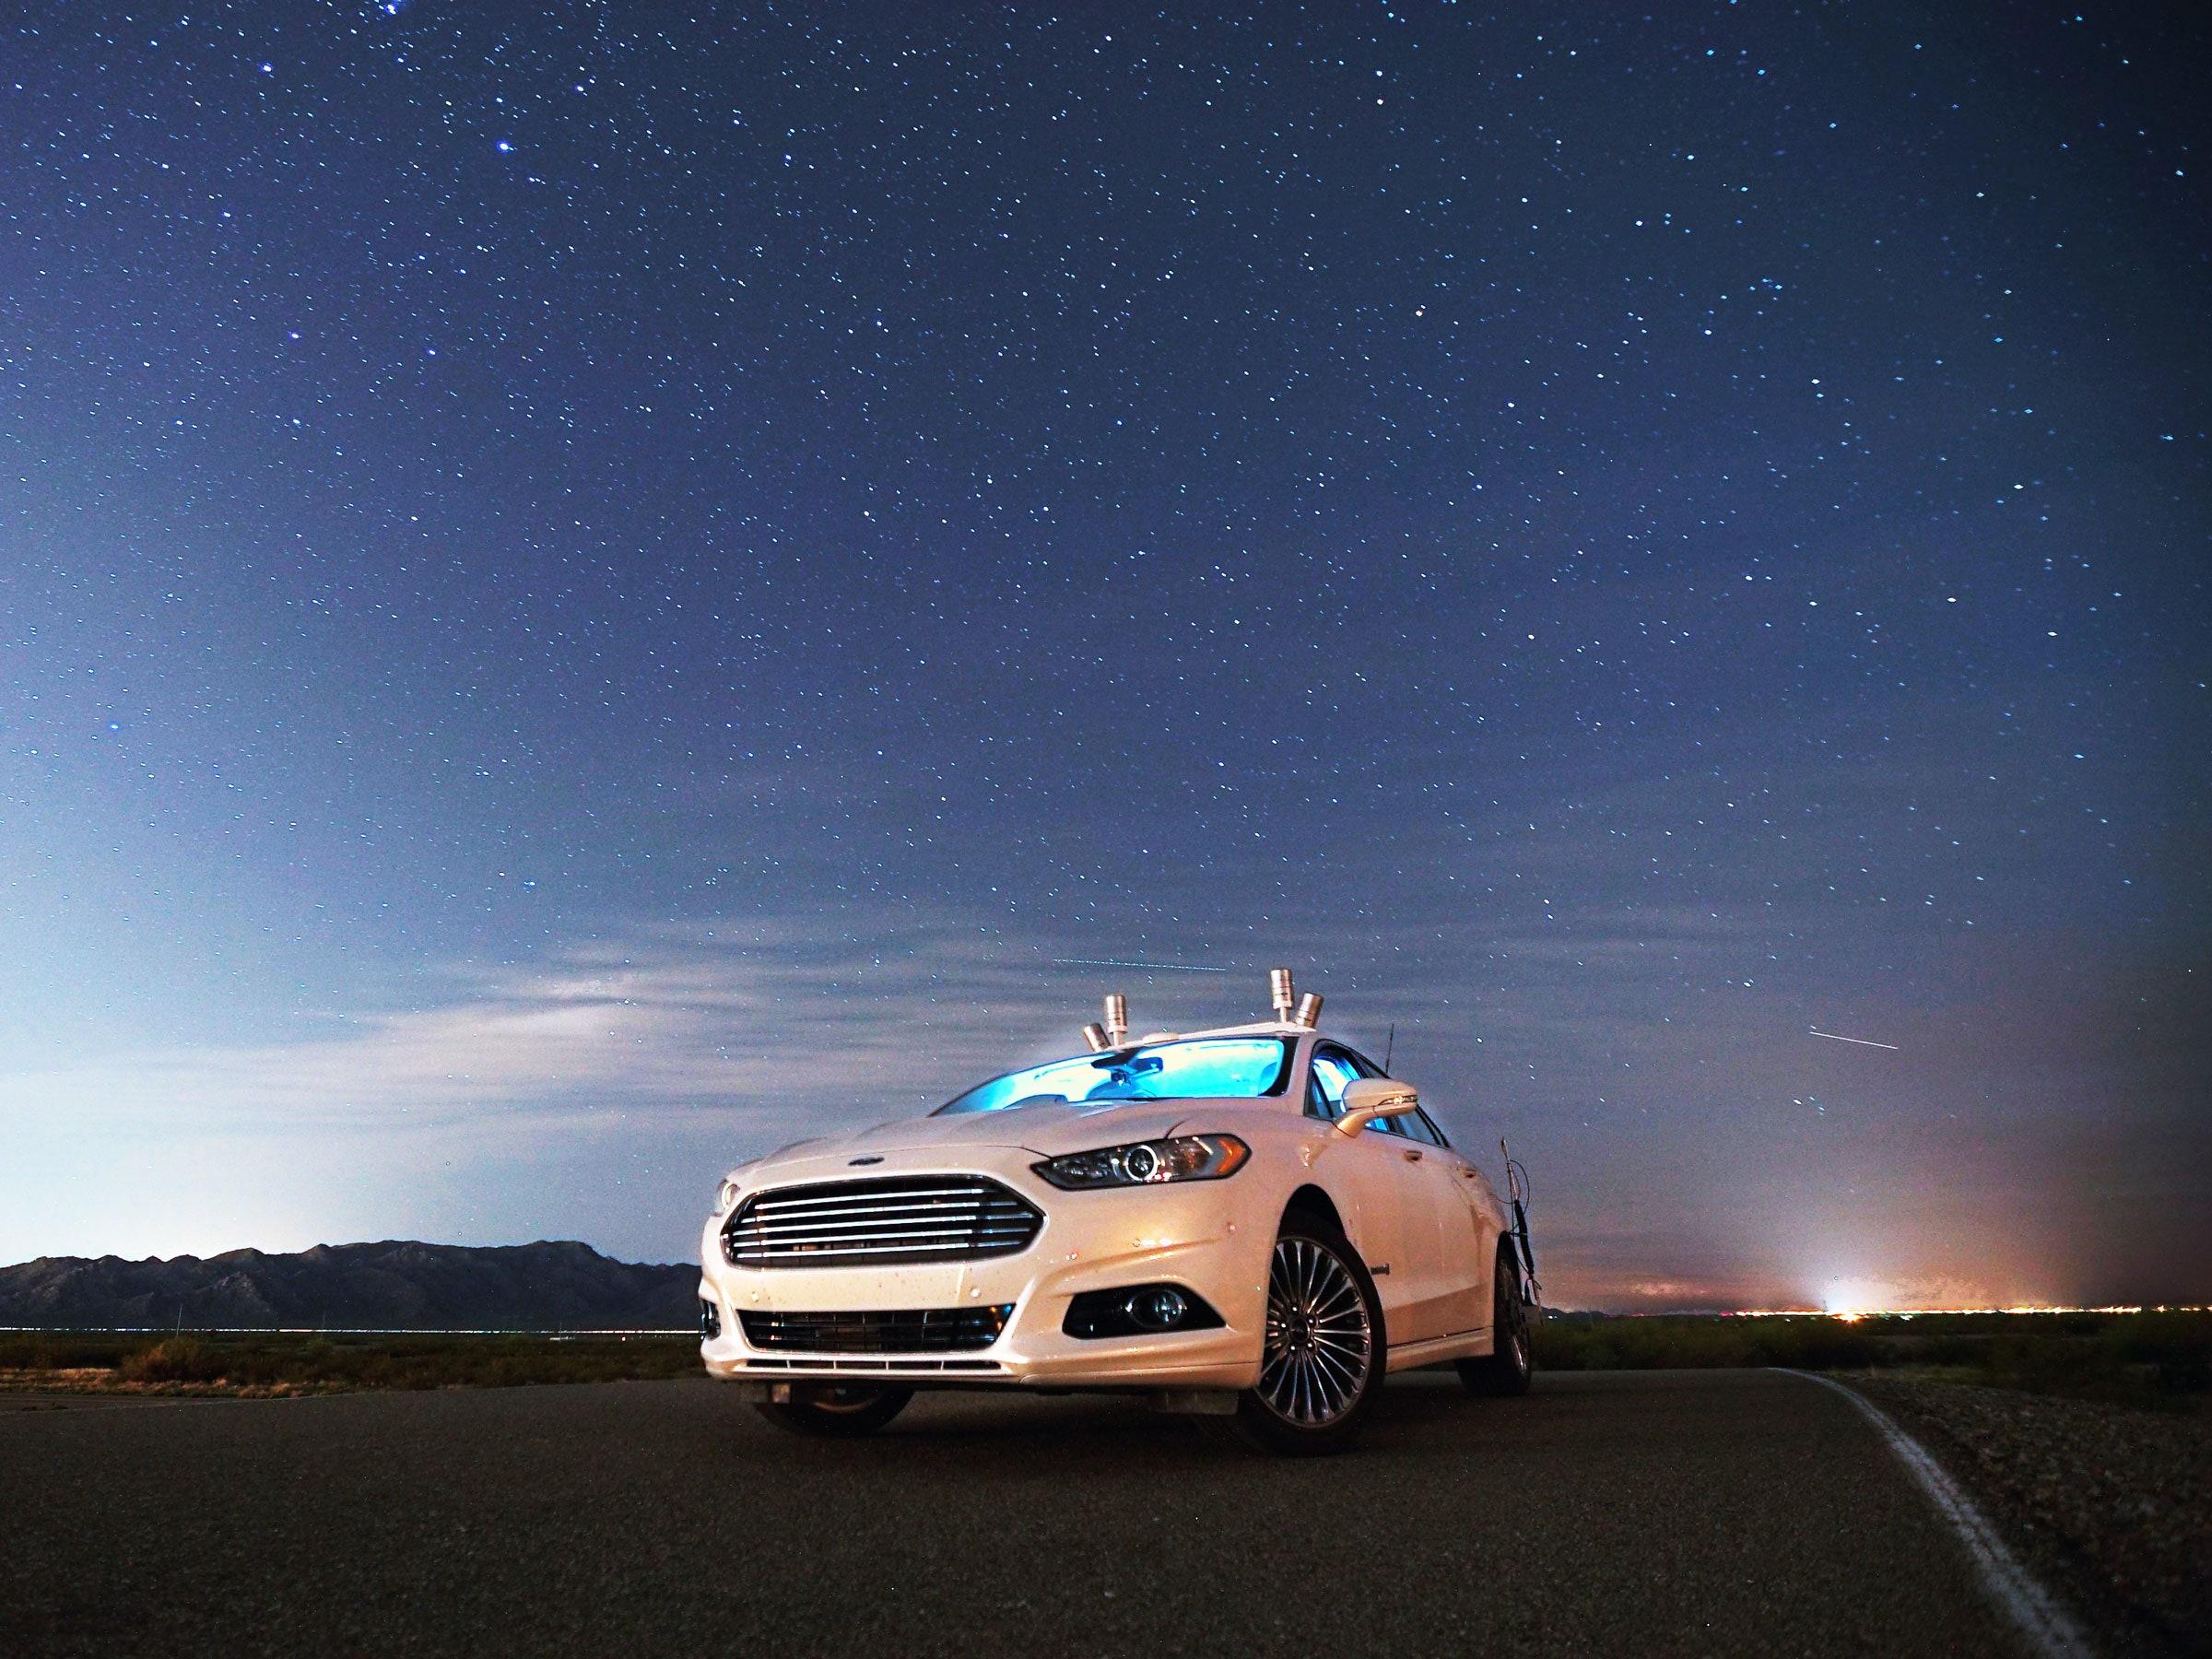 Fully Autonomous Vehicles